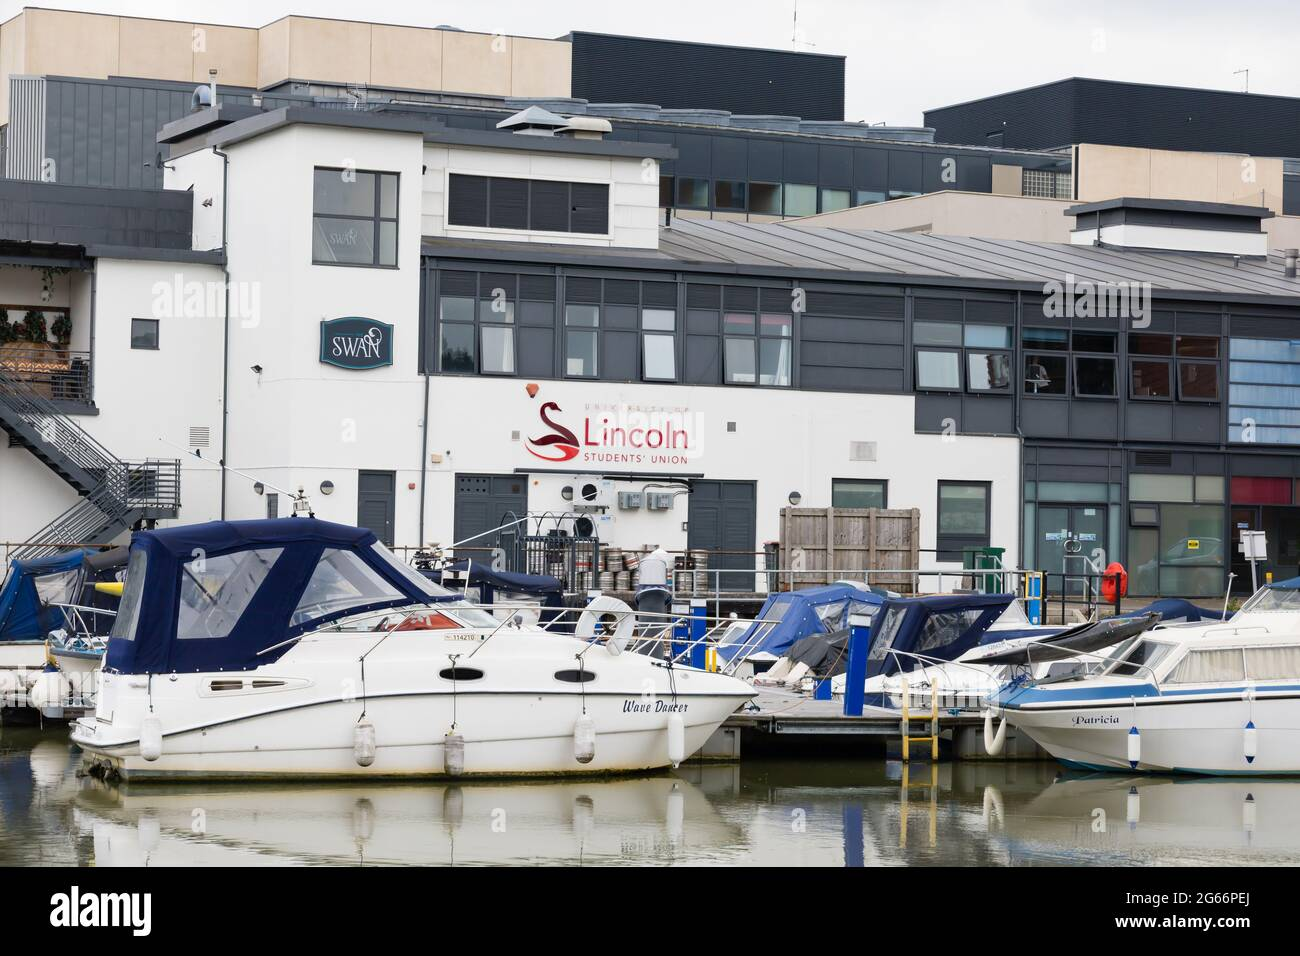 Université de lincoln, Students Union Bar sur la piscine de Brayford, avec des bateaux à moteur amarrés derrière. Lincoln, Lincolnshire, Angleterre Banque D'Images